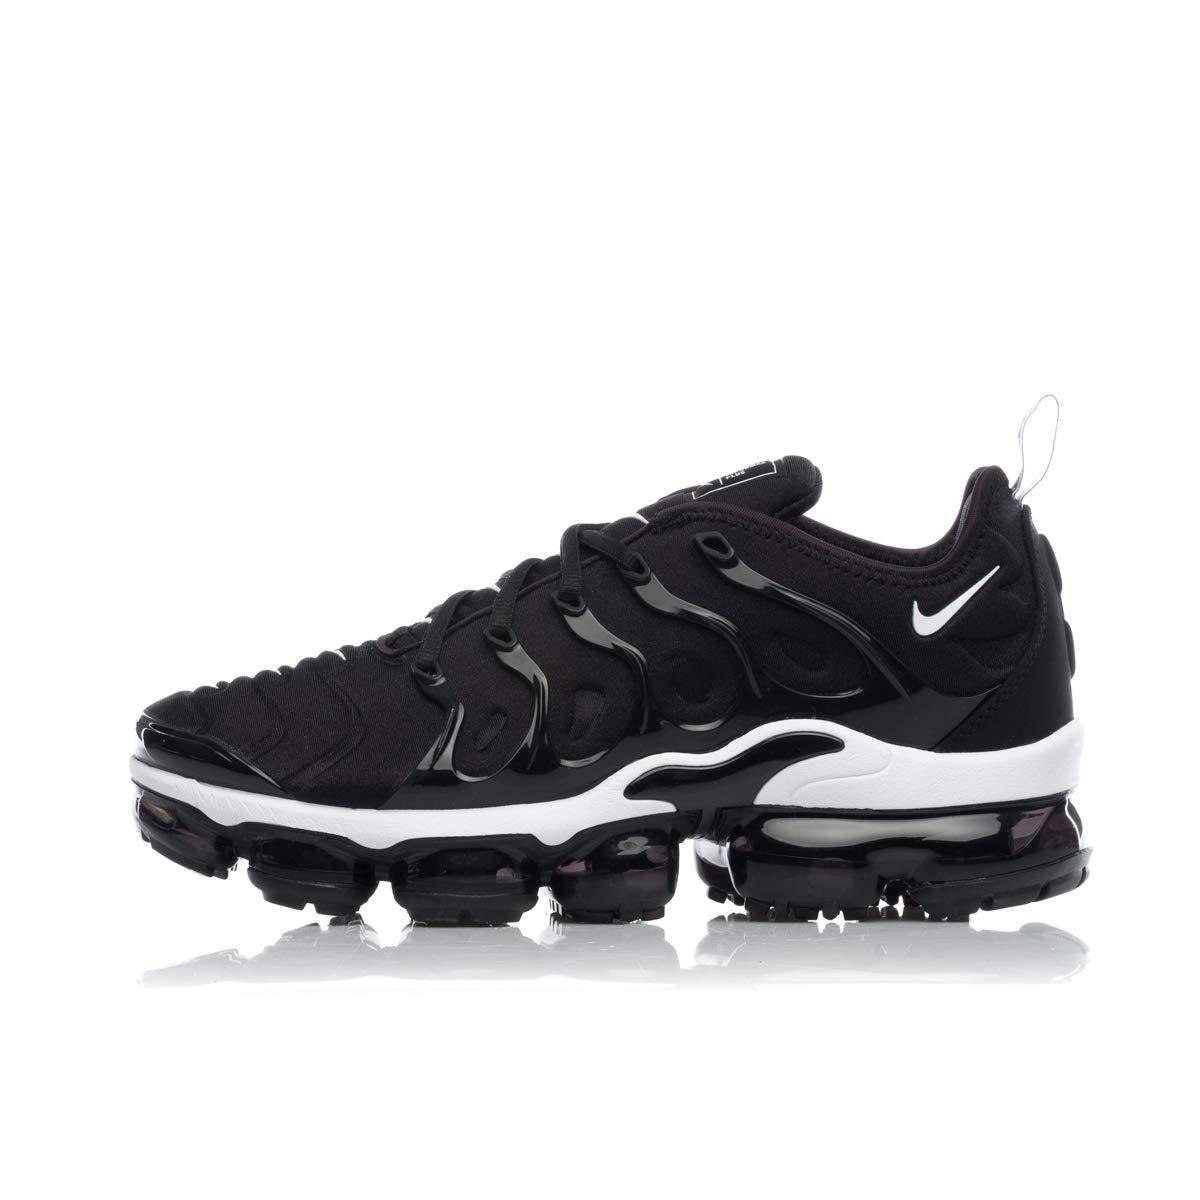 Noir (noir blanc 11) Nike Air Vapormax Plus, Chaussures de Fitness Homme 46 EU